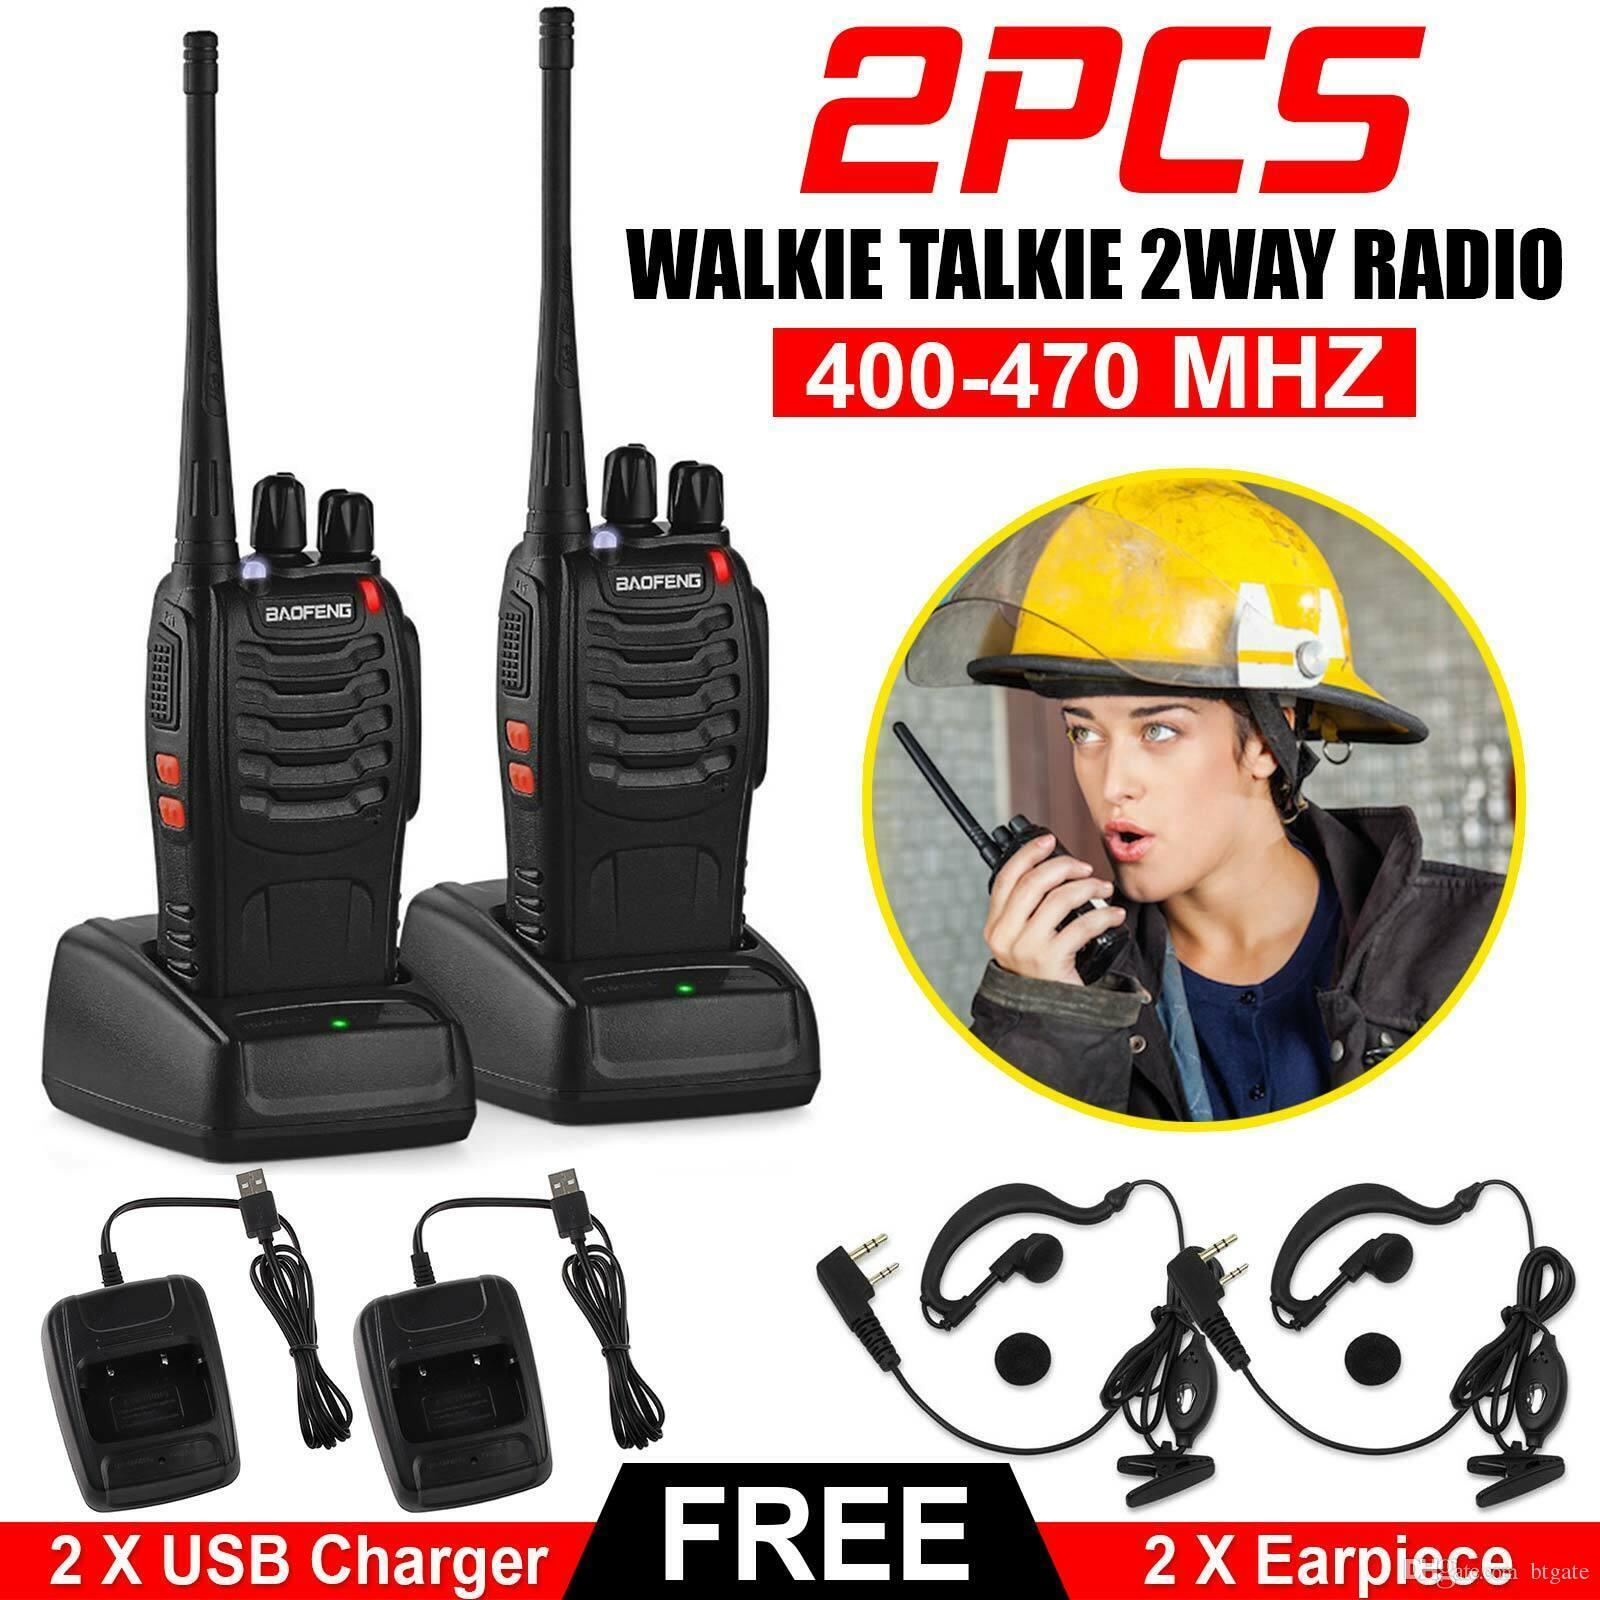 2 шт. Baofeng BF-888S Walkie Talkie Двухстороннее радио 16ч 5 Вт 400-470 МГц Портативный портативный радио набор 1500 мАч для охотничьего радио